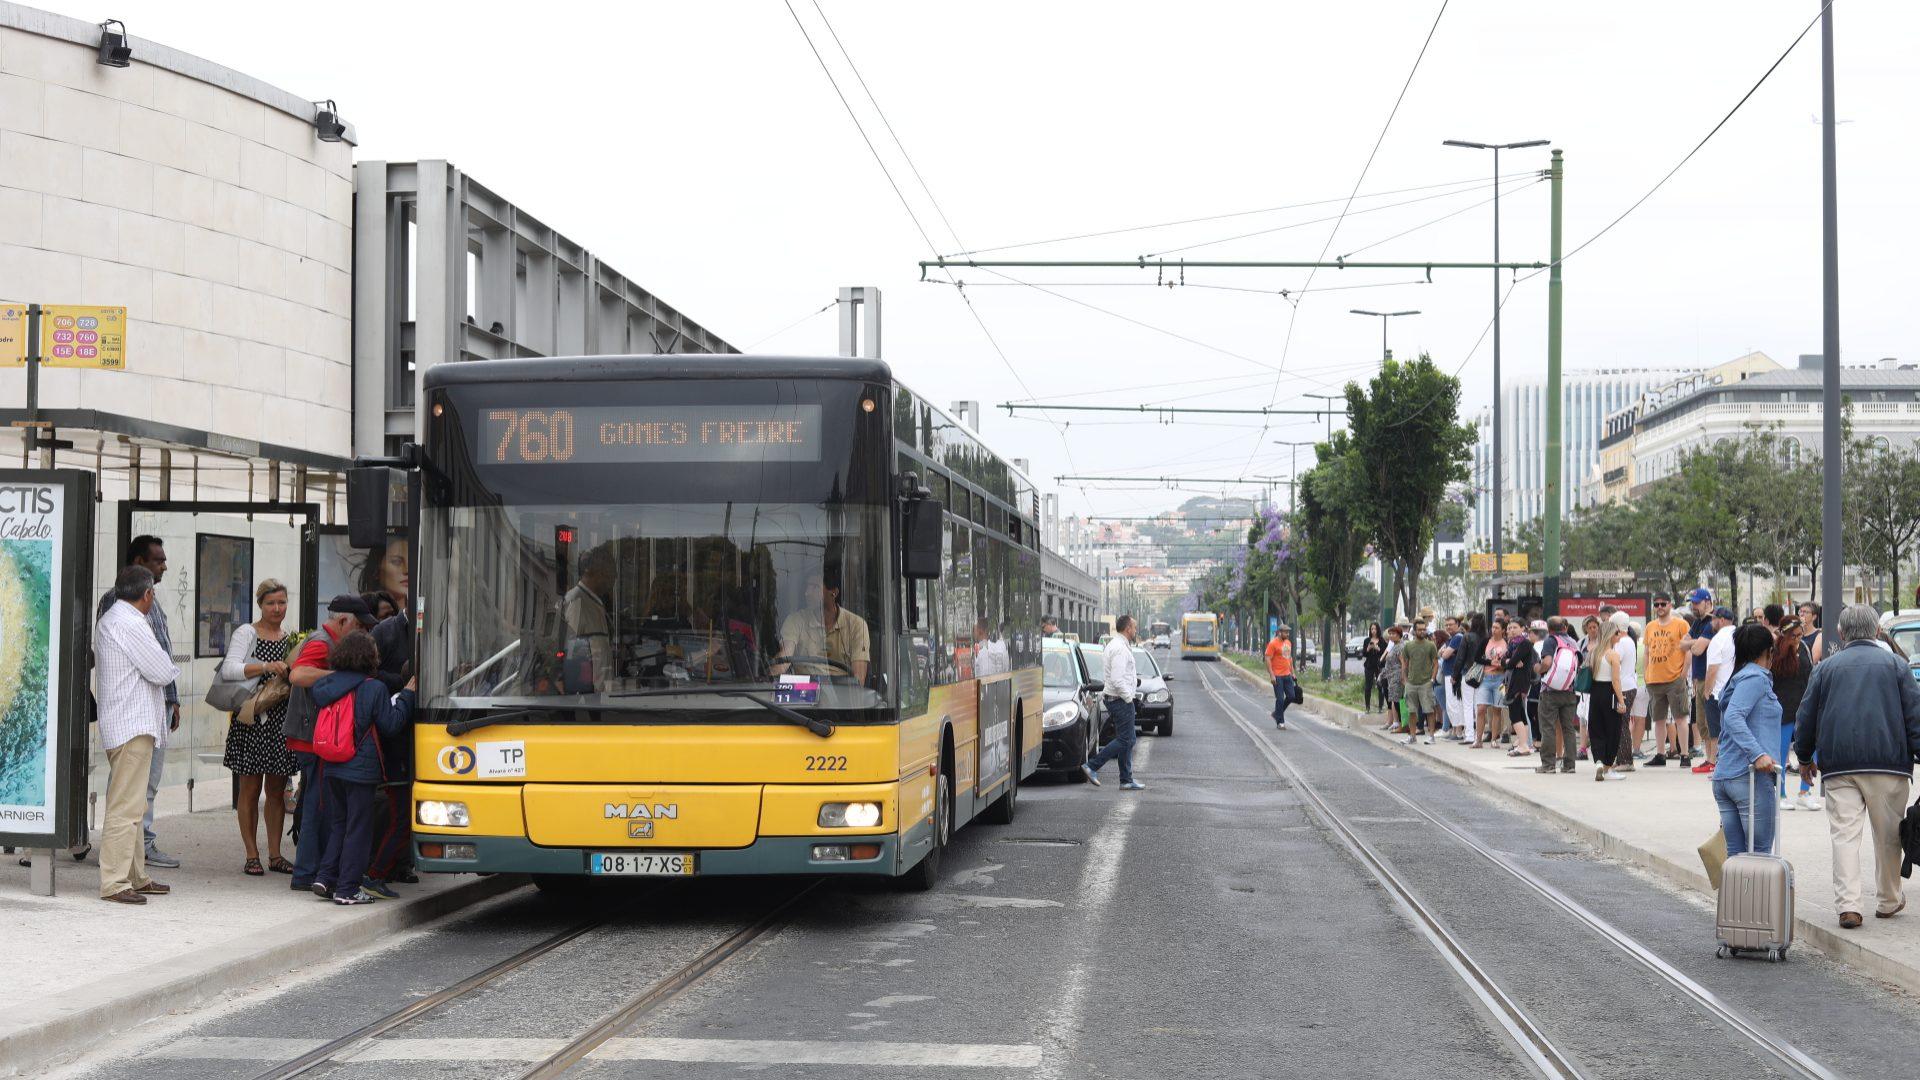 Portugueses gastam 70 euros por mês em transportes